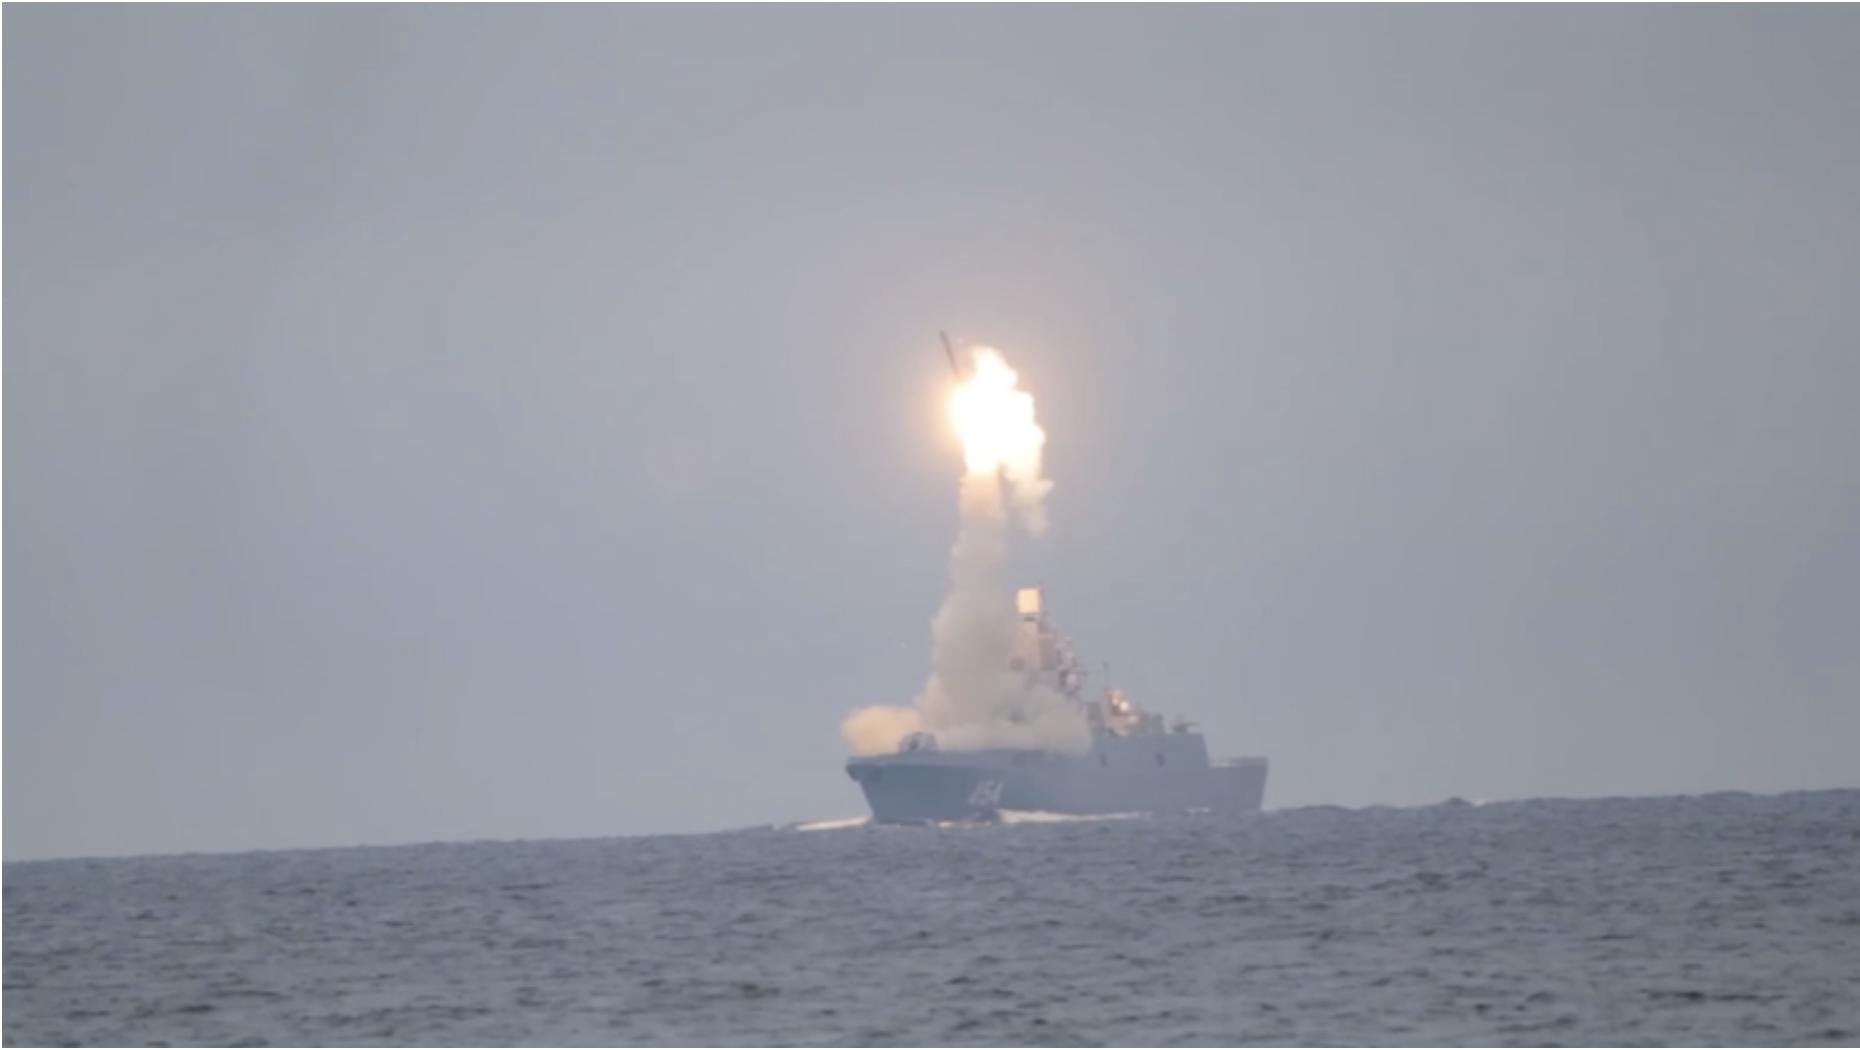 """Објавена снимка од првото лансирање на хиперсонична ракета """"Циркон"""" (ВИДЕО)"""